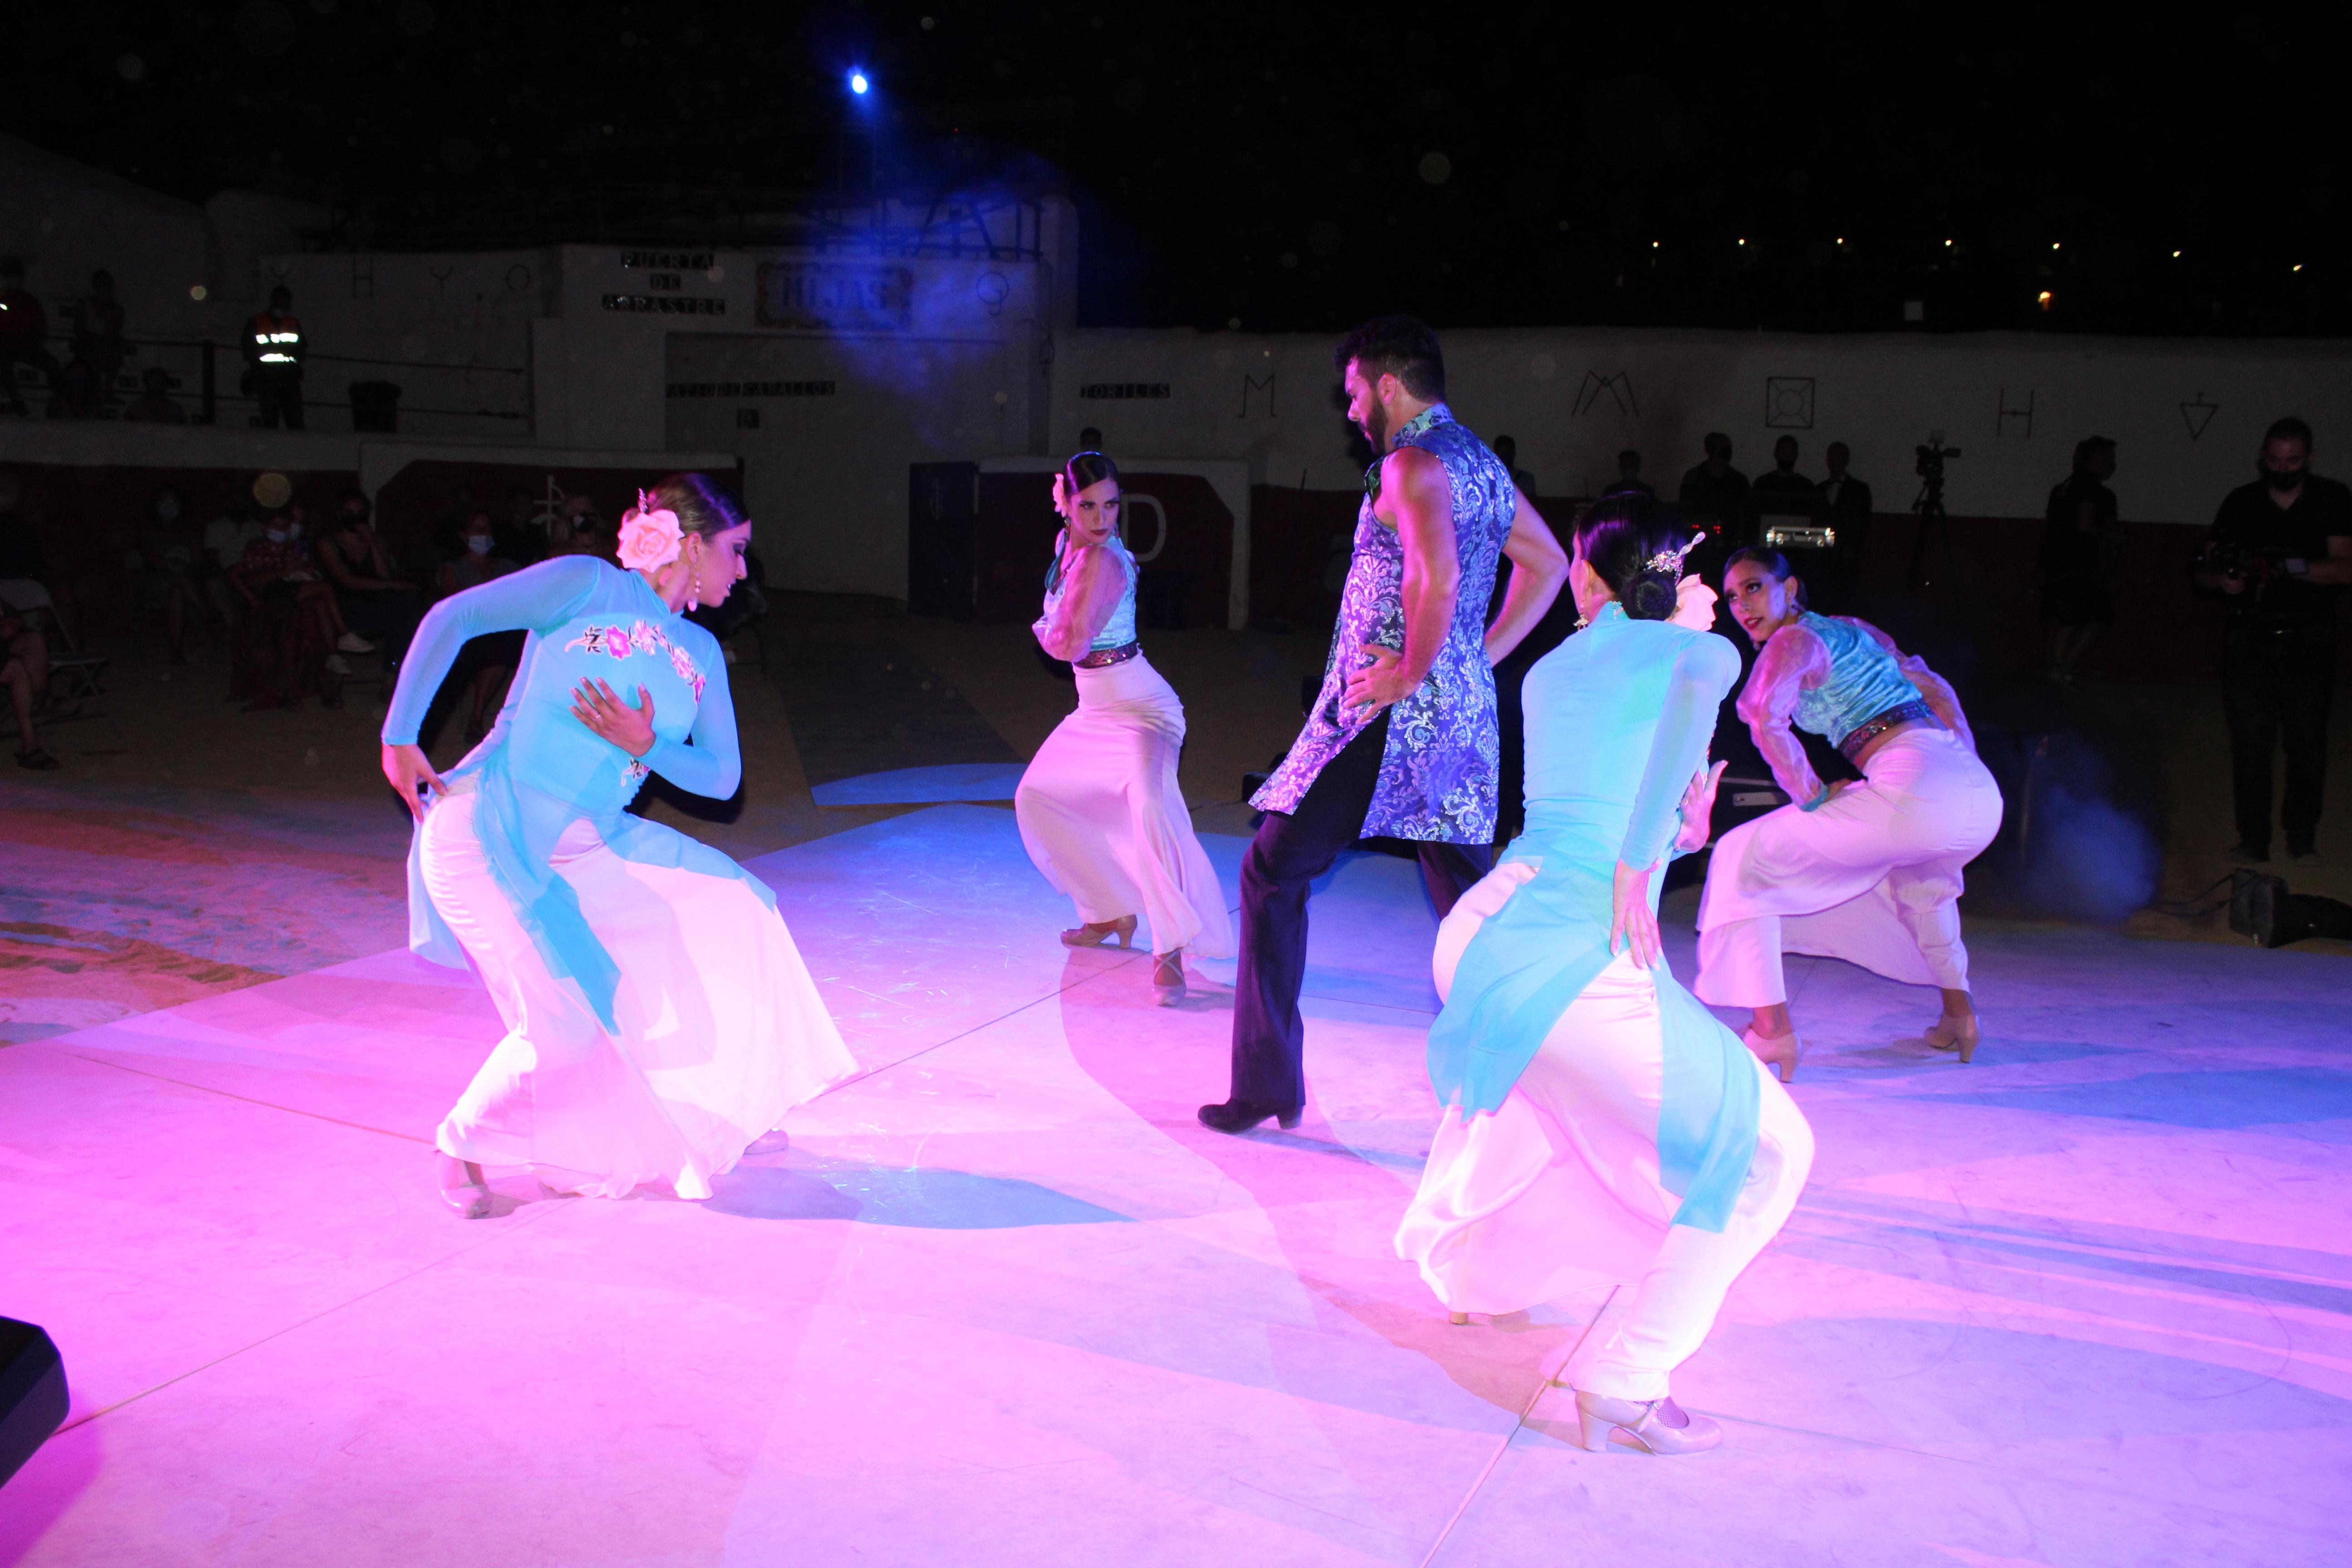 Flamencópolis, homenaje al flamenco a través de la danza, la música y la fusión cultural